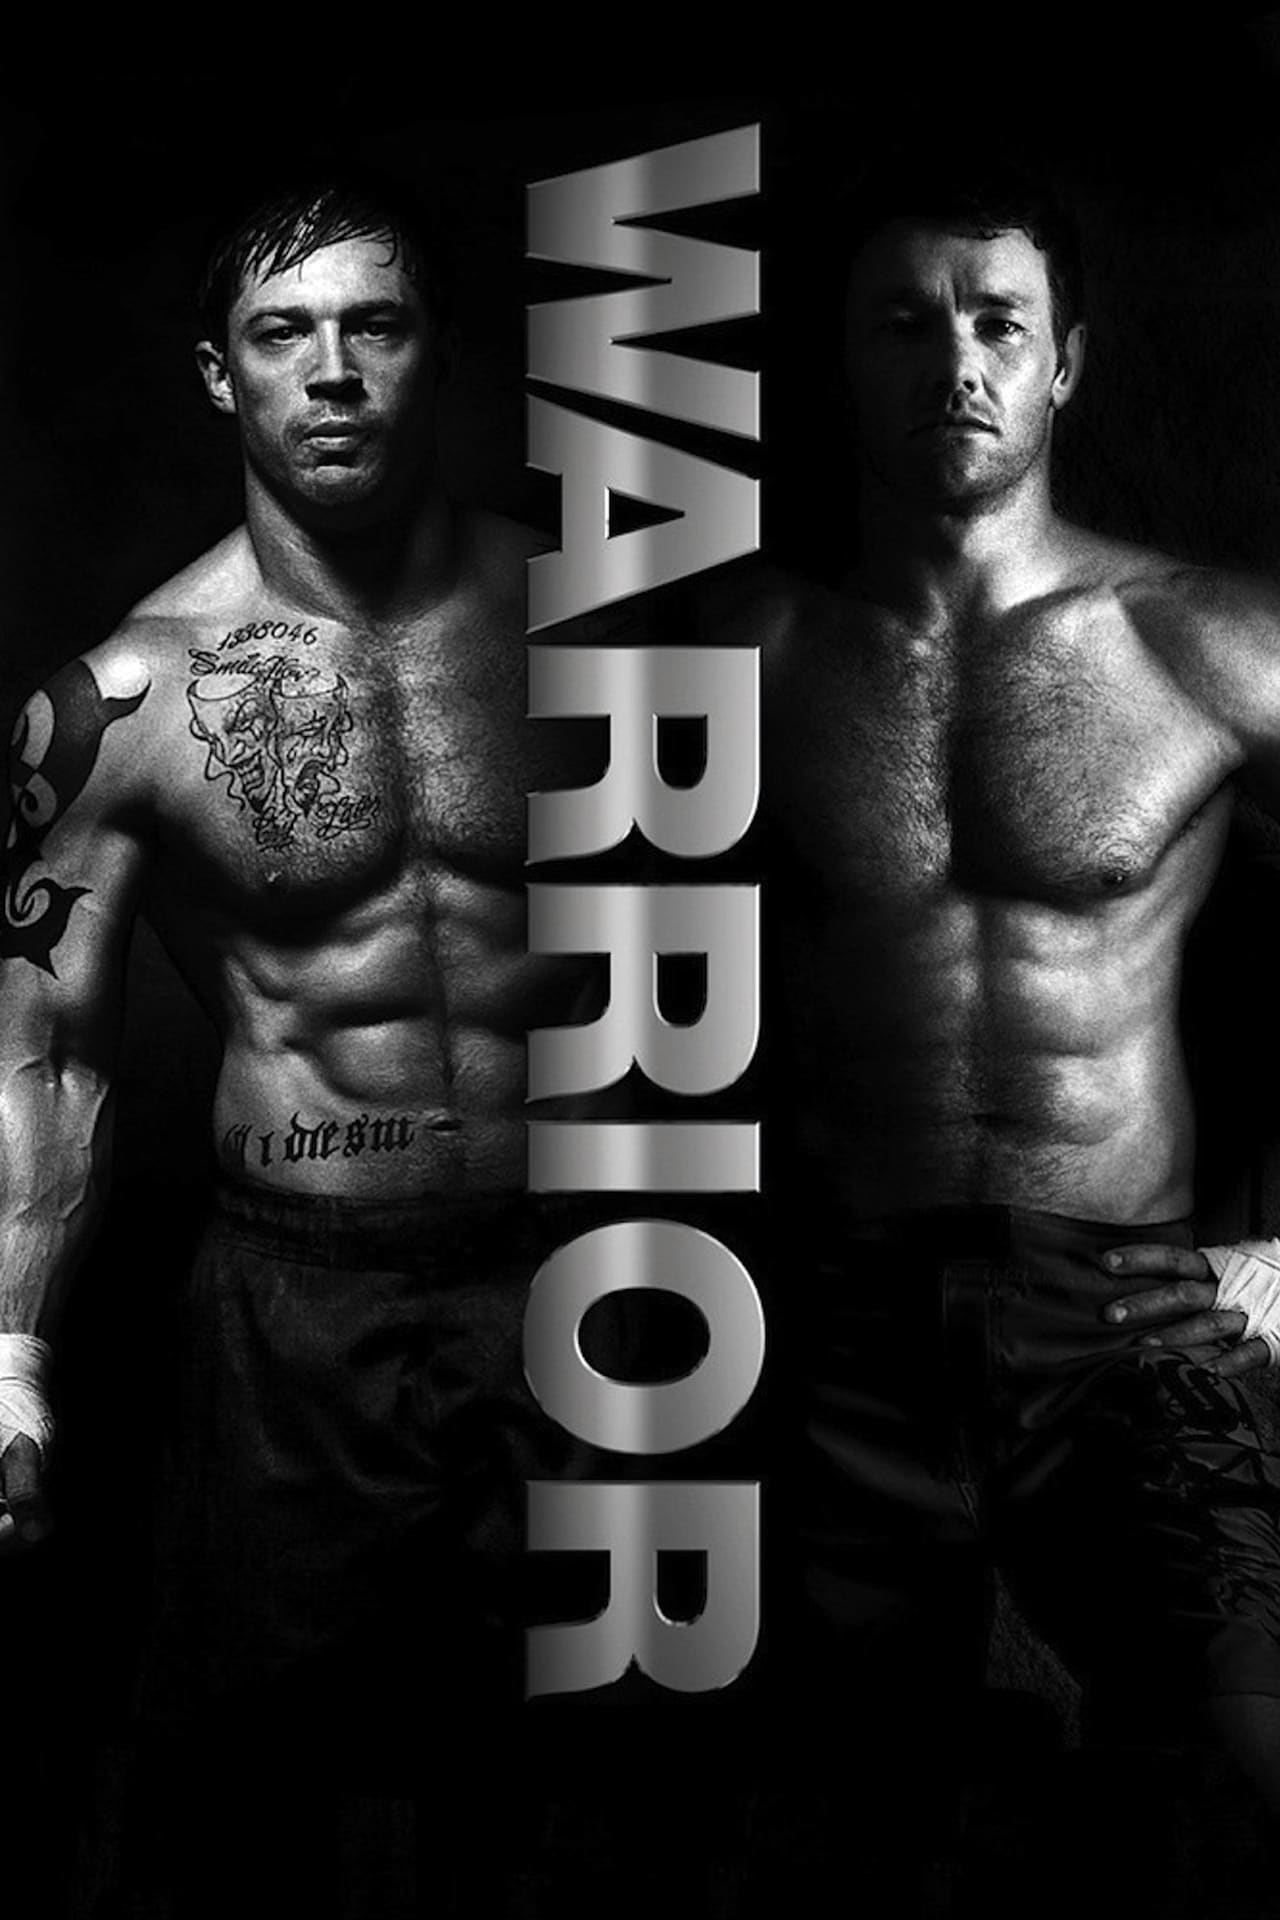 Warrior by Gavin O'Connor